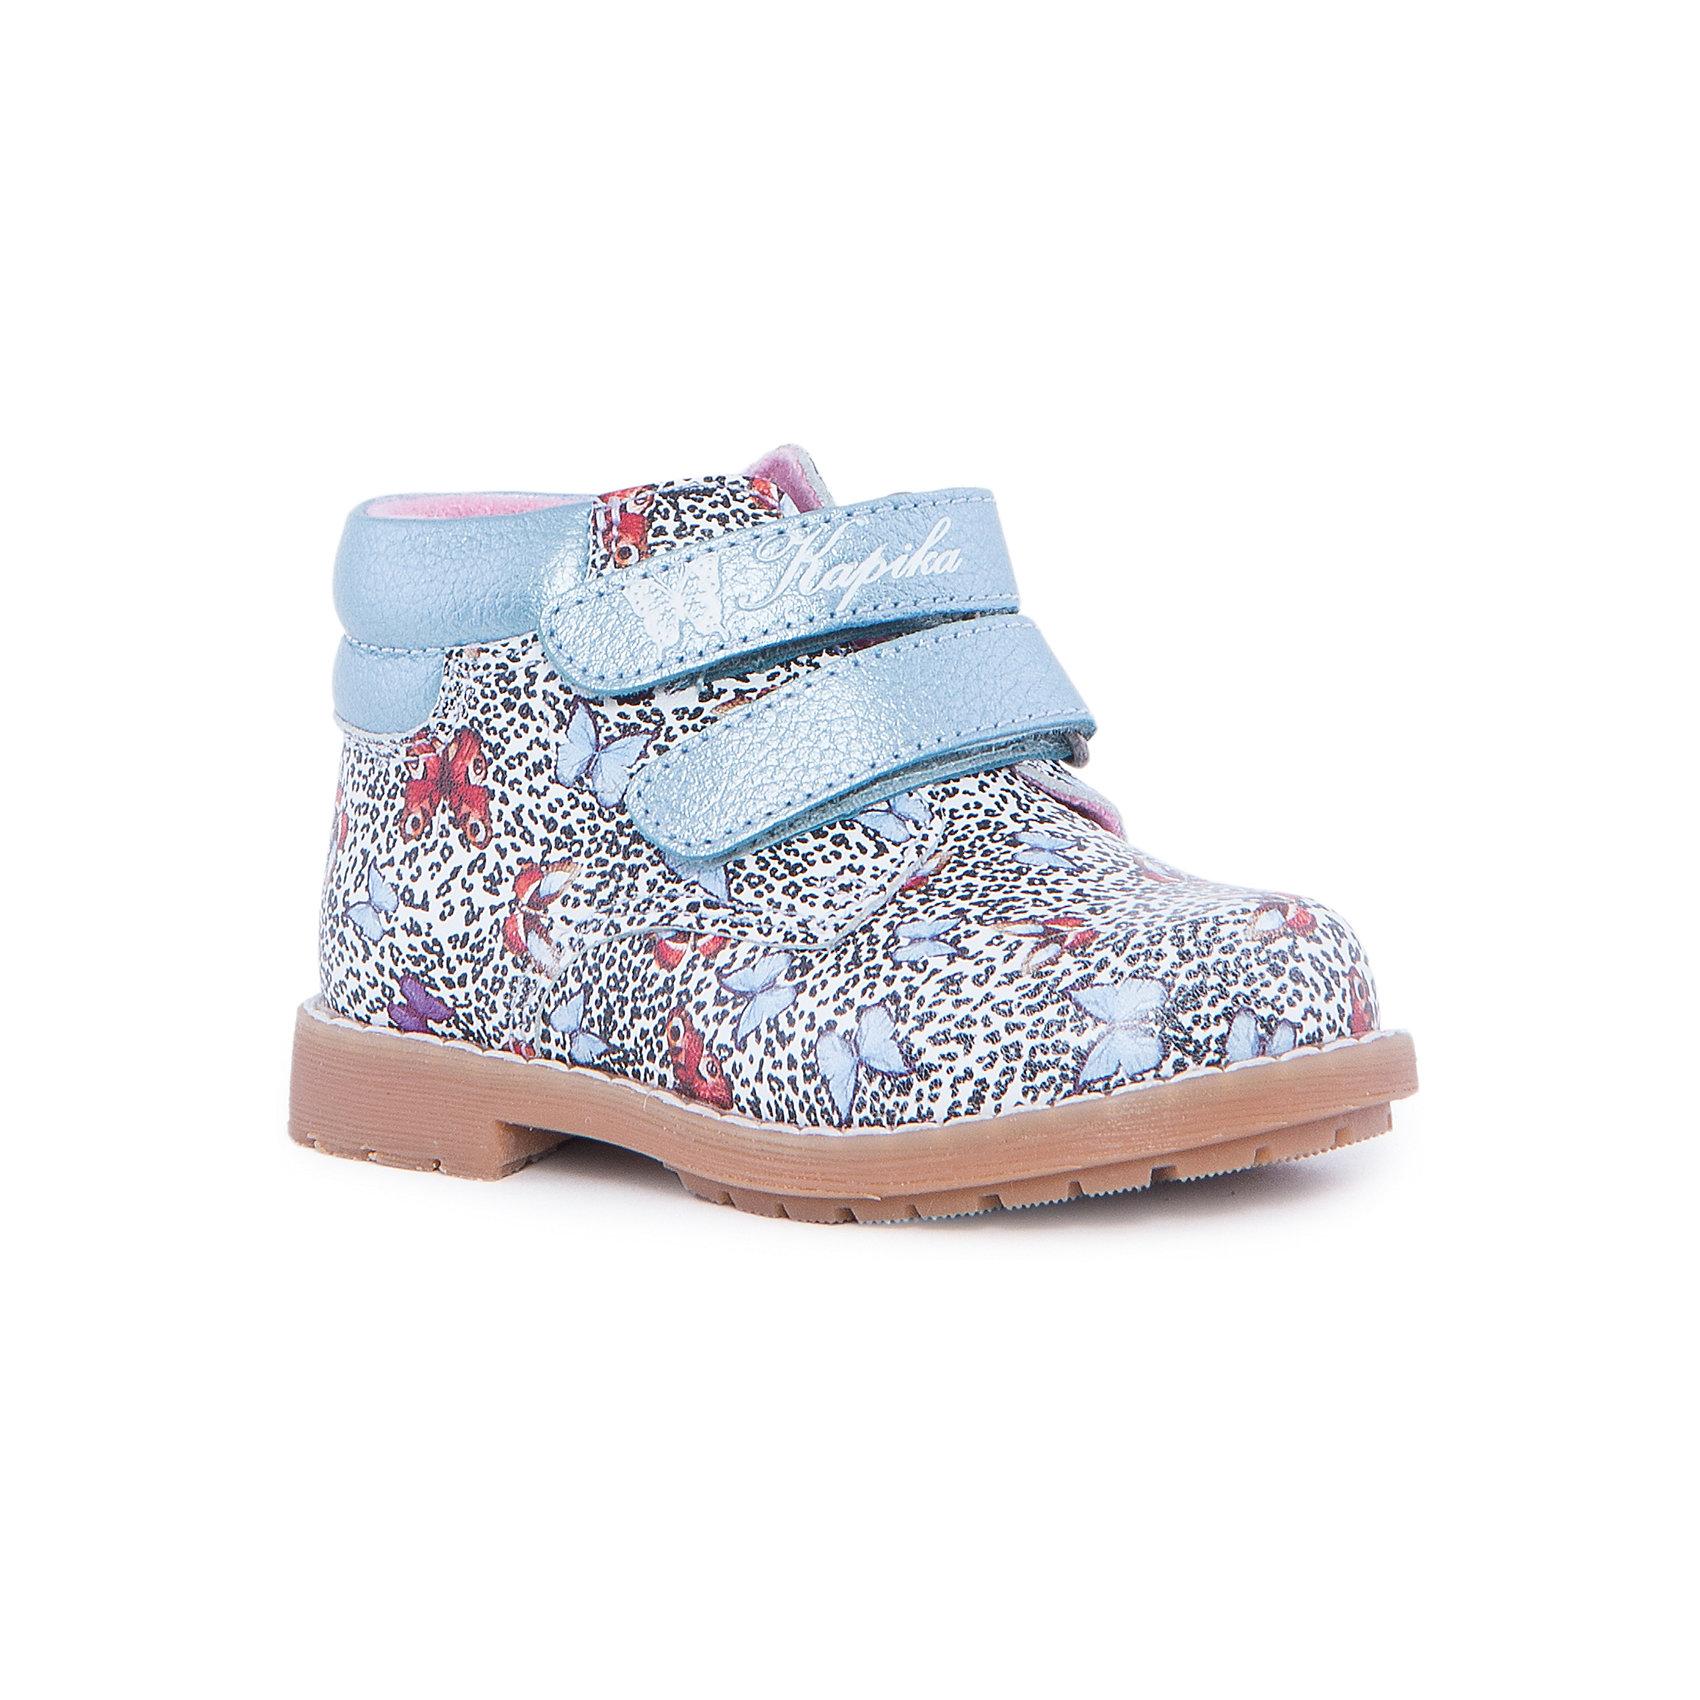 Ботинки для девочки KAPIKAОбувь для малышей<br>Ботинки для девочки KAPIKA – стиль, красота и тепло.<br>Красивые модные ботинки из натуральной кожи делают ходьбу комфортной и теплой. Внутри утепленная подкладка из шерсти. Ботинки сделаны с жестким задником и супинатором для правильного формирования ступни. Хорошо прилегают к ноге, закрепляясь двумя липучками. <br><br>Дополнительная информация:<br><br>- материал верха: натуральная кожа<br>- материал подкладки: утепленный текстиль, 80% шерсть<br><br>Ботинки для девочки KAPIKA можно купить в нашем интернет магазине.<br><br>Ширина мм: 262<br>Глубина мм: 176<br>Высота мм: 97<br>Вес г: 427<br>Цвет: белый<br>Возраст от месяцев: 15<br>Возраст до месяцев: 18<br>Пол: Женский<br>Возраст: Детский<br>Размер: 22,24,21,23<br>SKU: 4987980